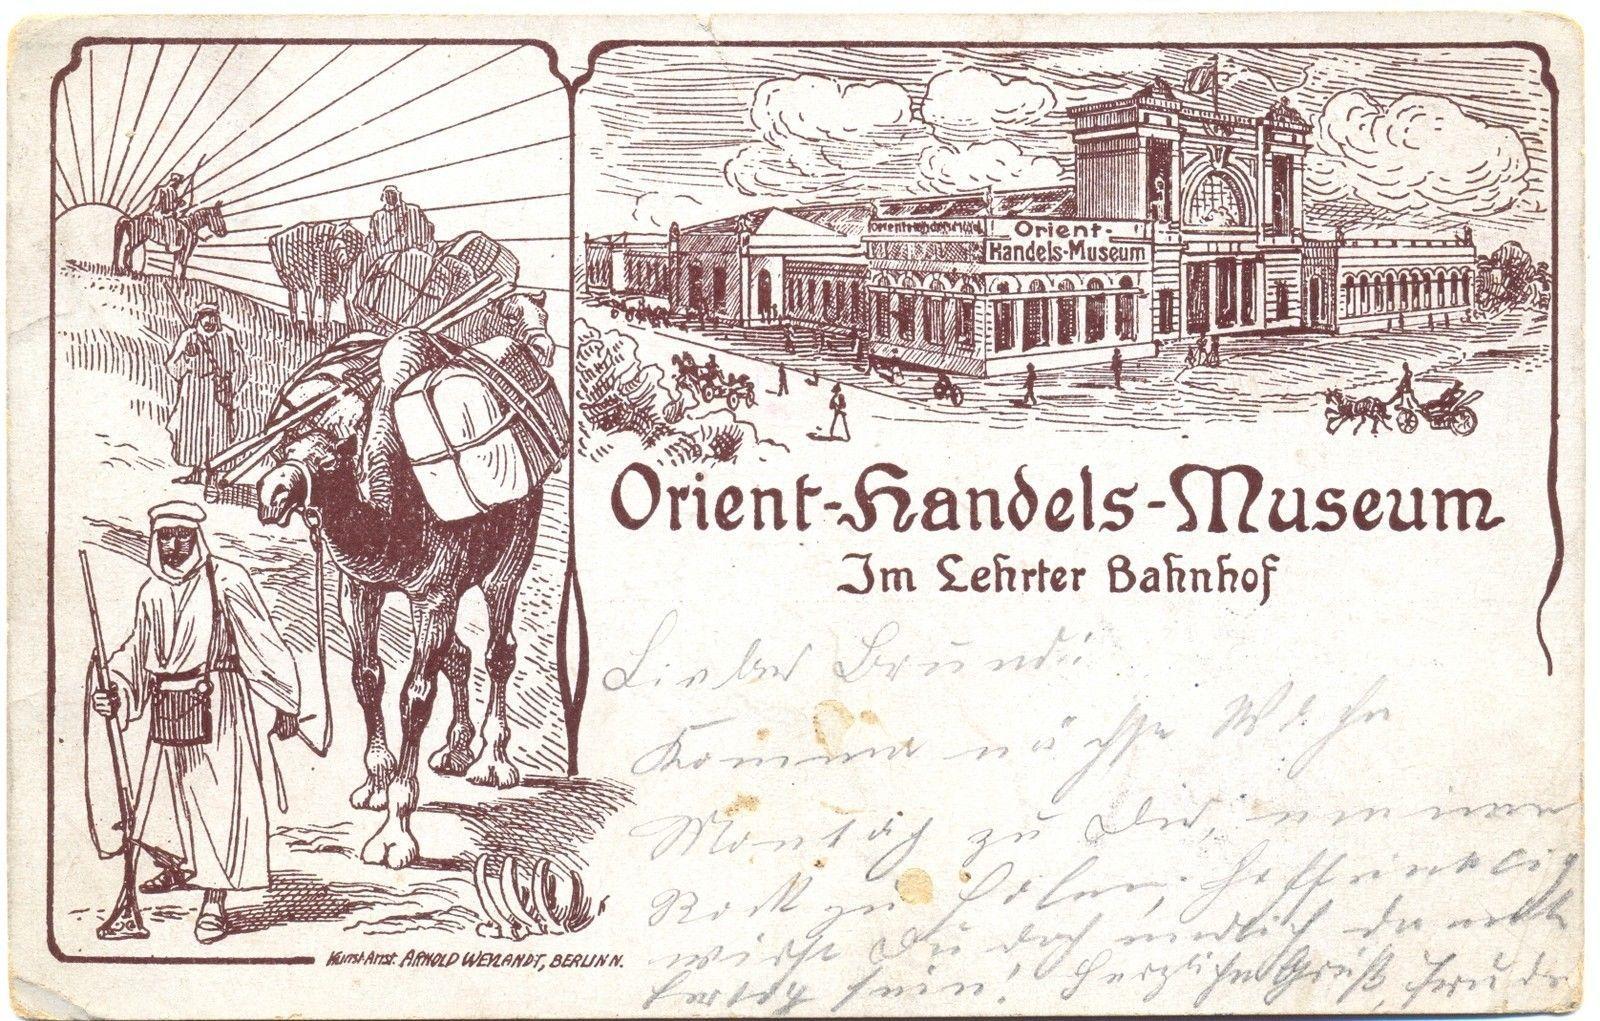 Berlin Lehrter Bahnhof Orient Handels Museum 1904 eBay